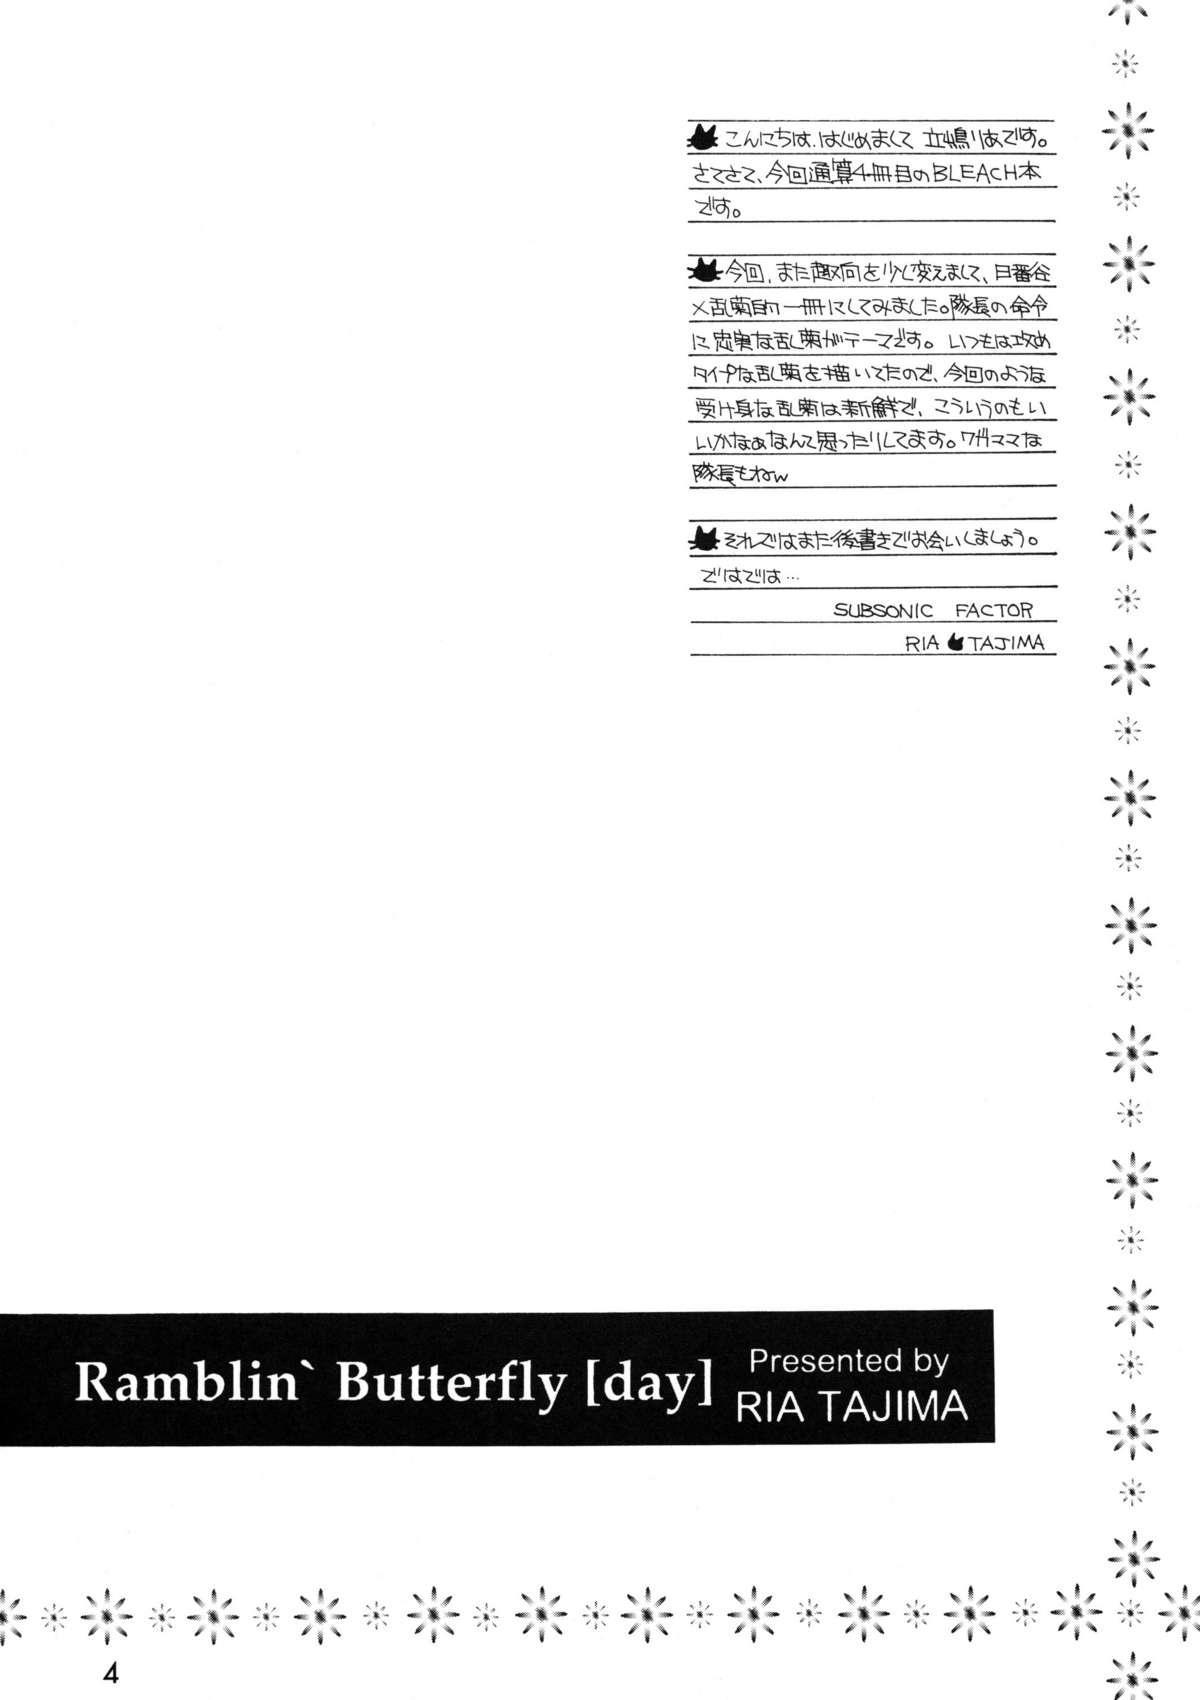 Ramblin' Butterfly 2